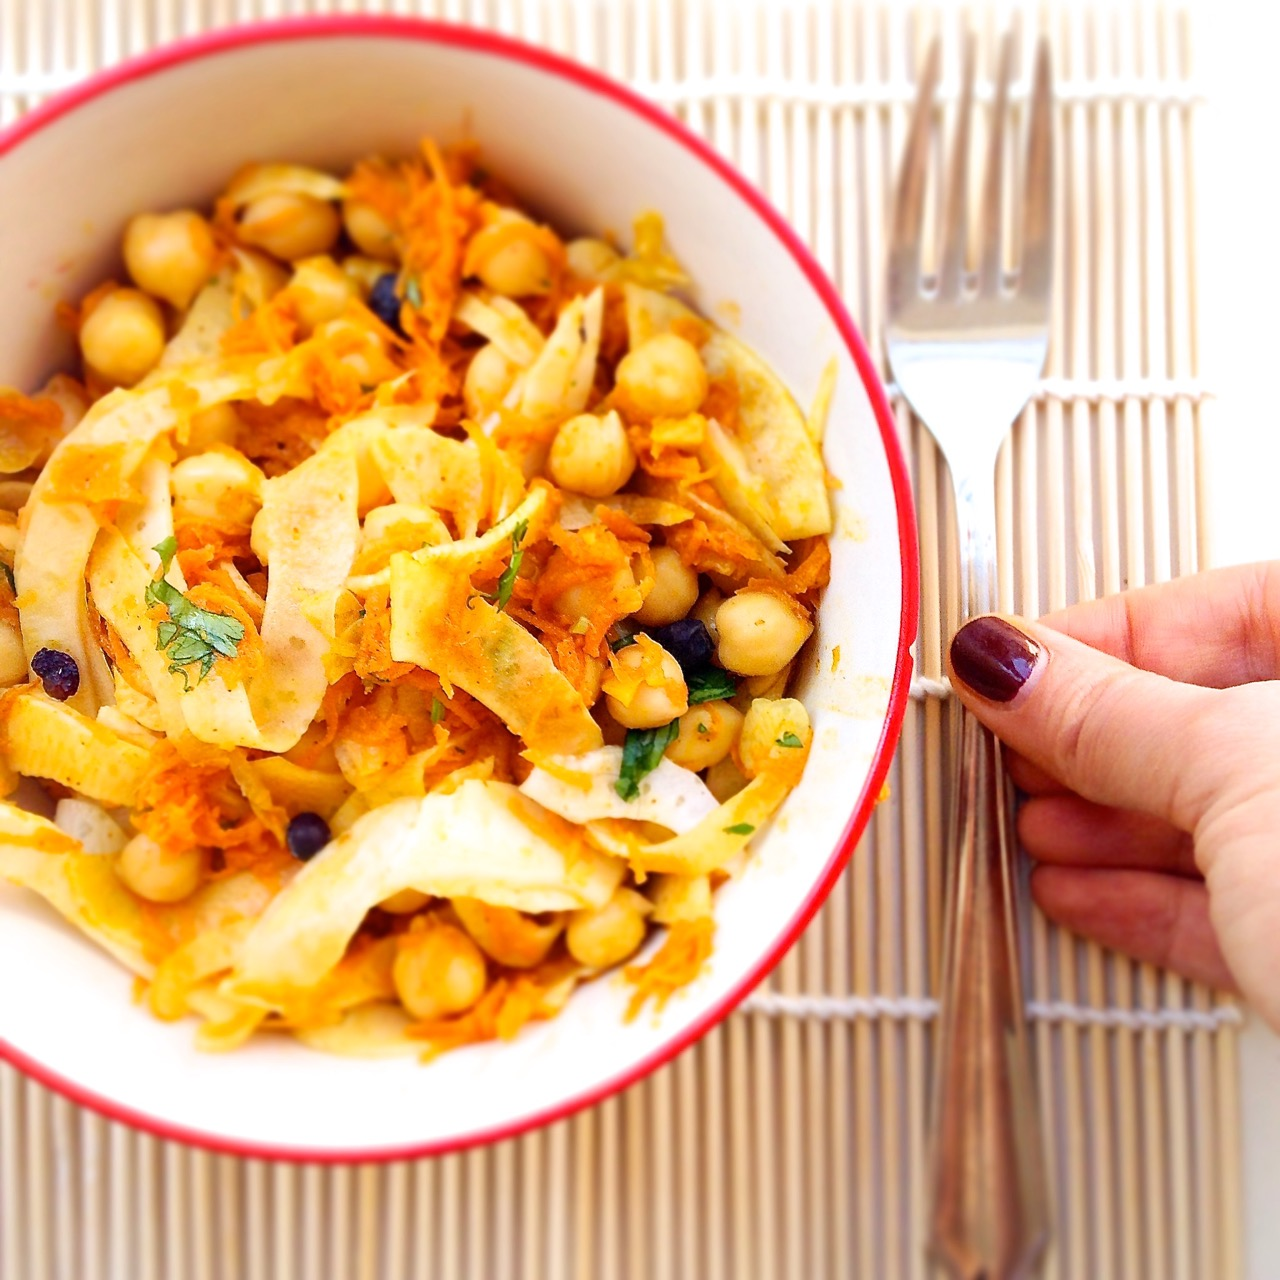 kichererbsen, karotten, fenchel, indisch, scharf salat, vegan, low carb clean eating indian